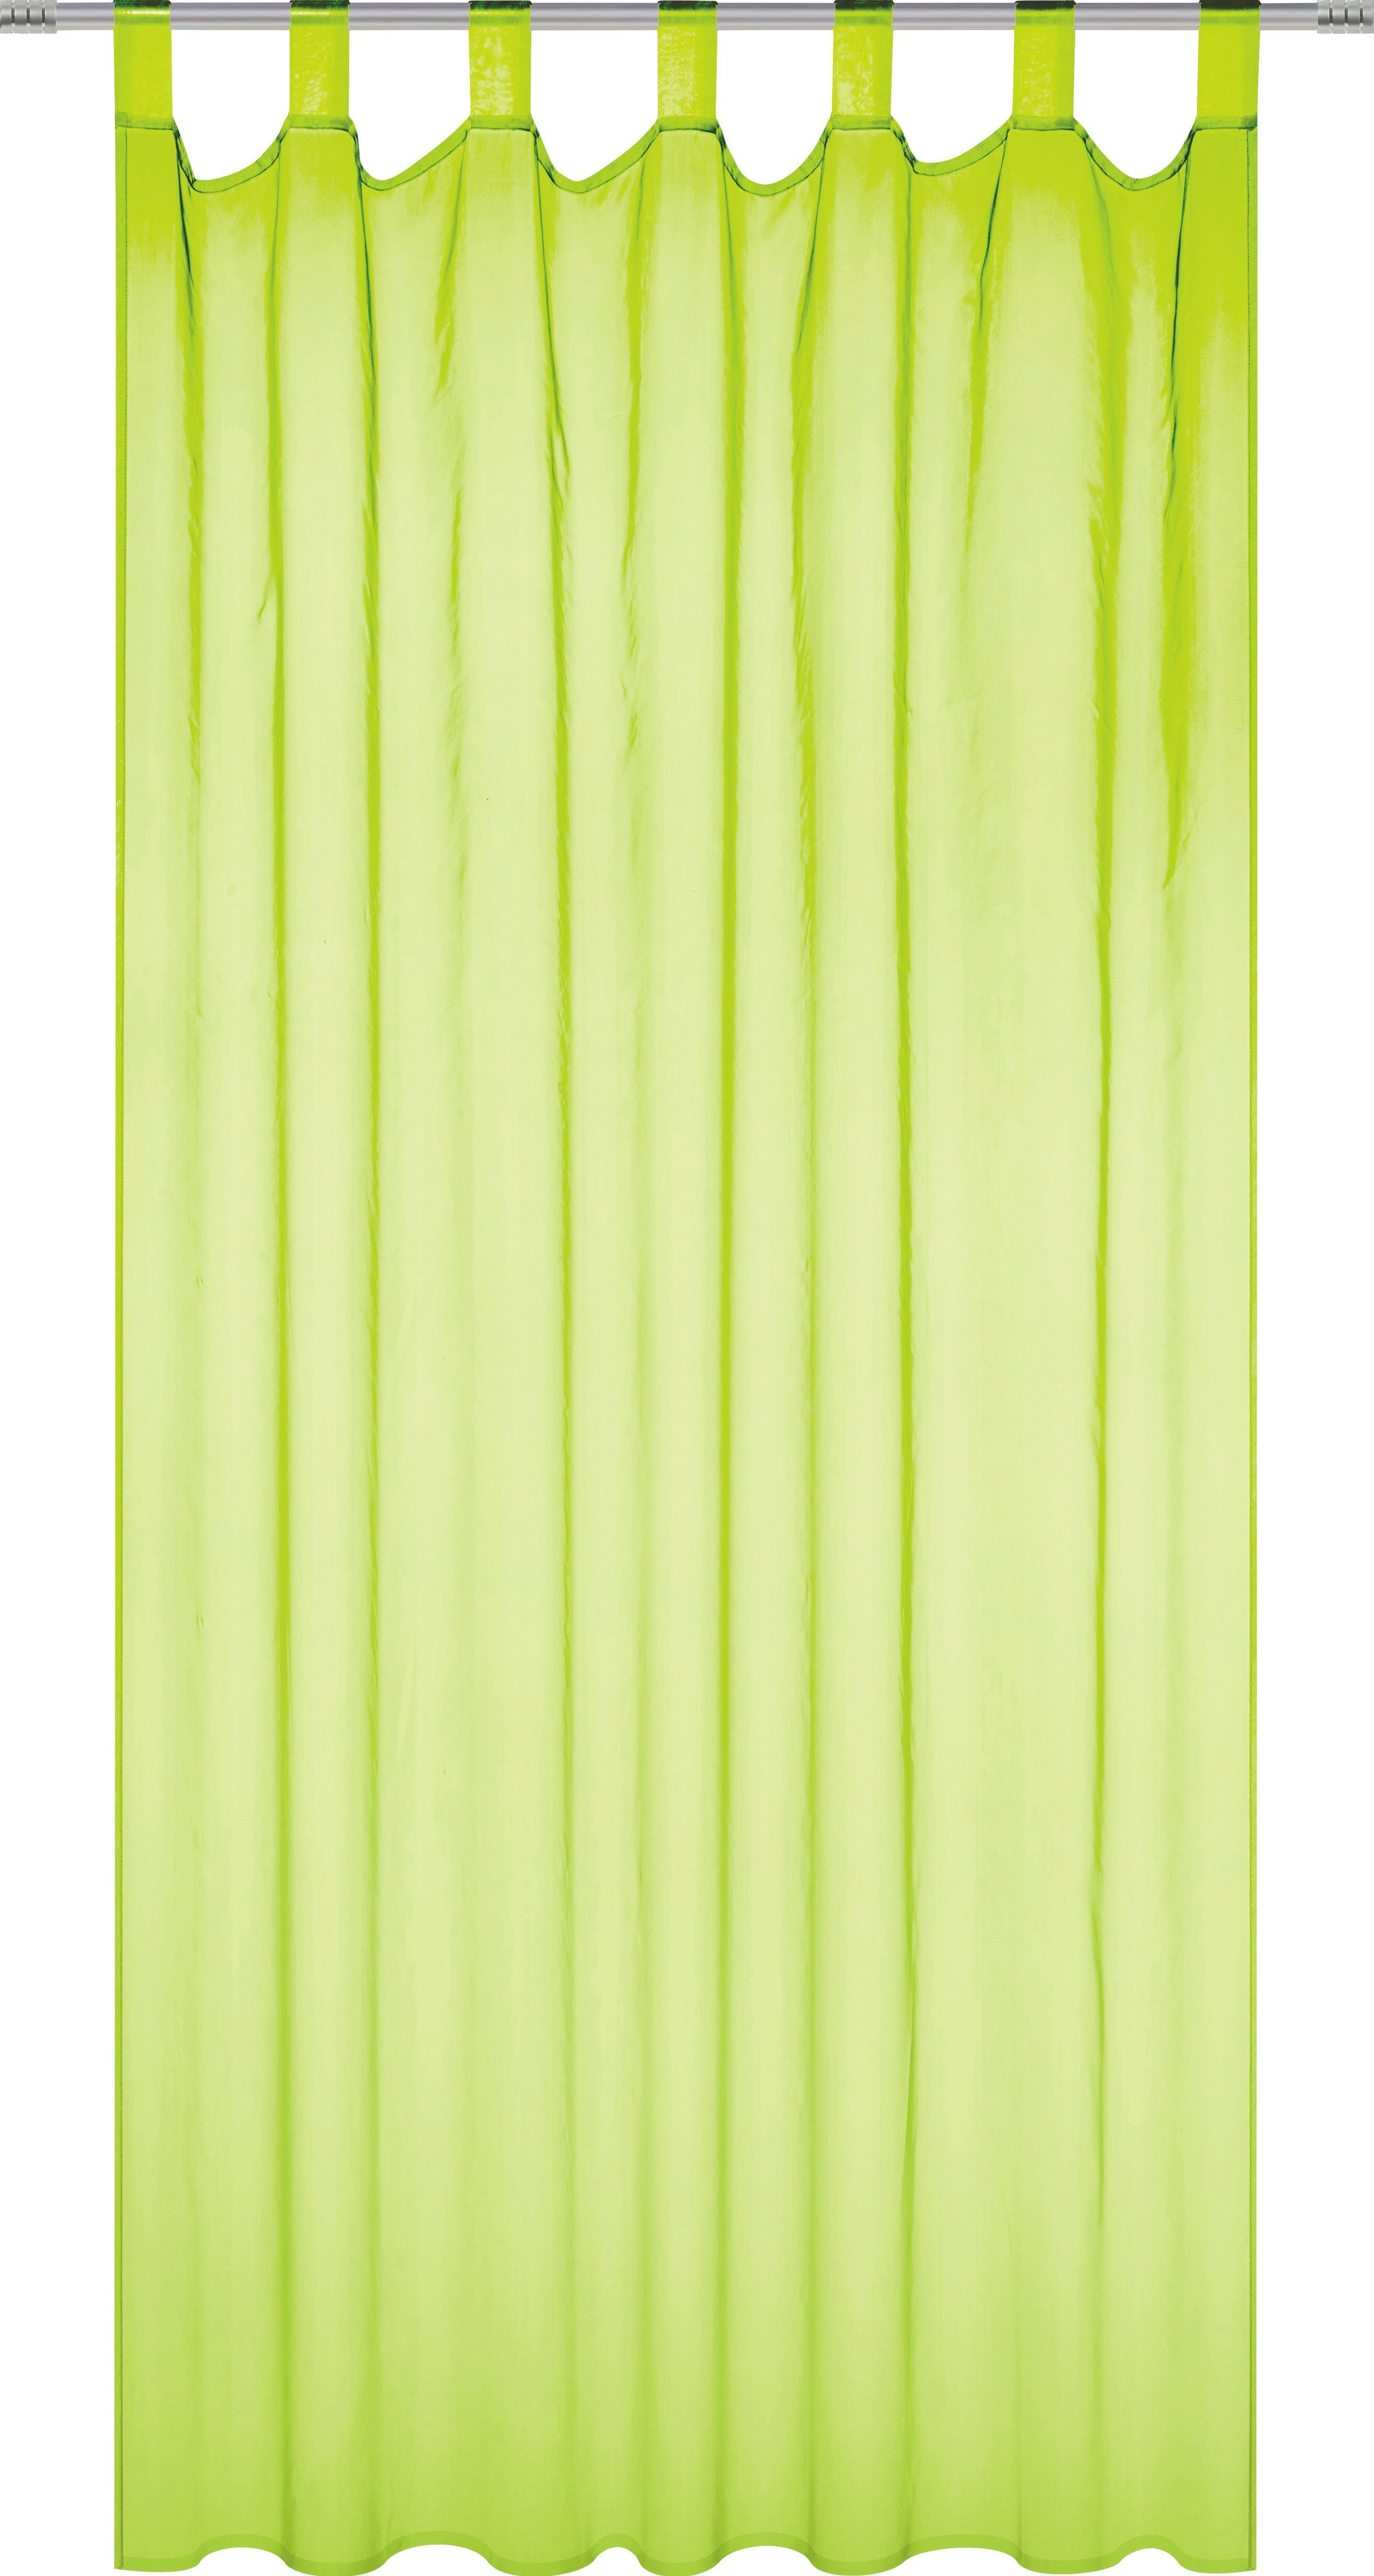 Schlaufenschal Susi, ca. 140x230cm - Petrol/Weiß, KONVENTIONELL, Textil (140/230cm) - BASED